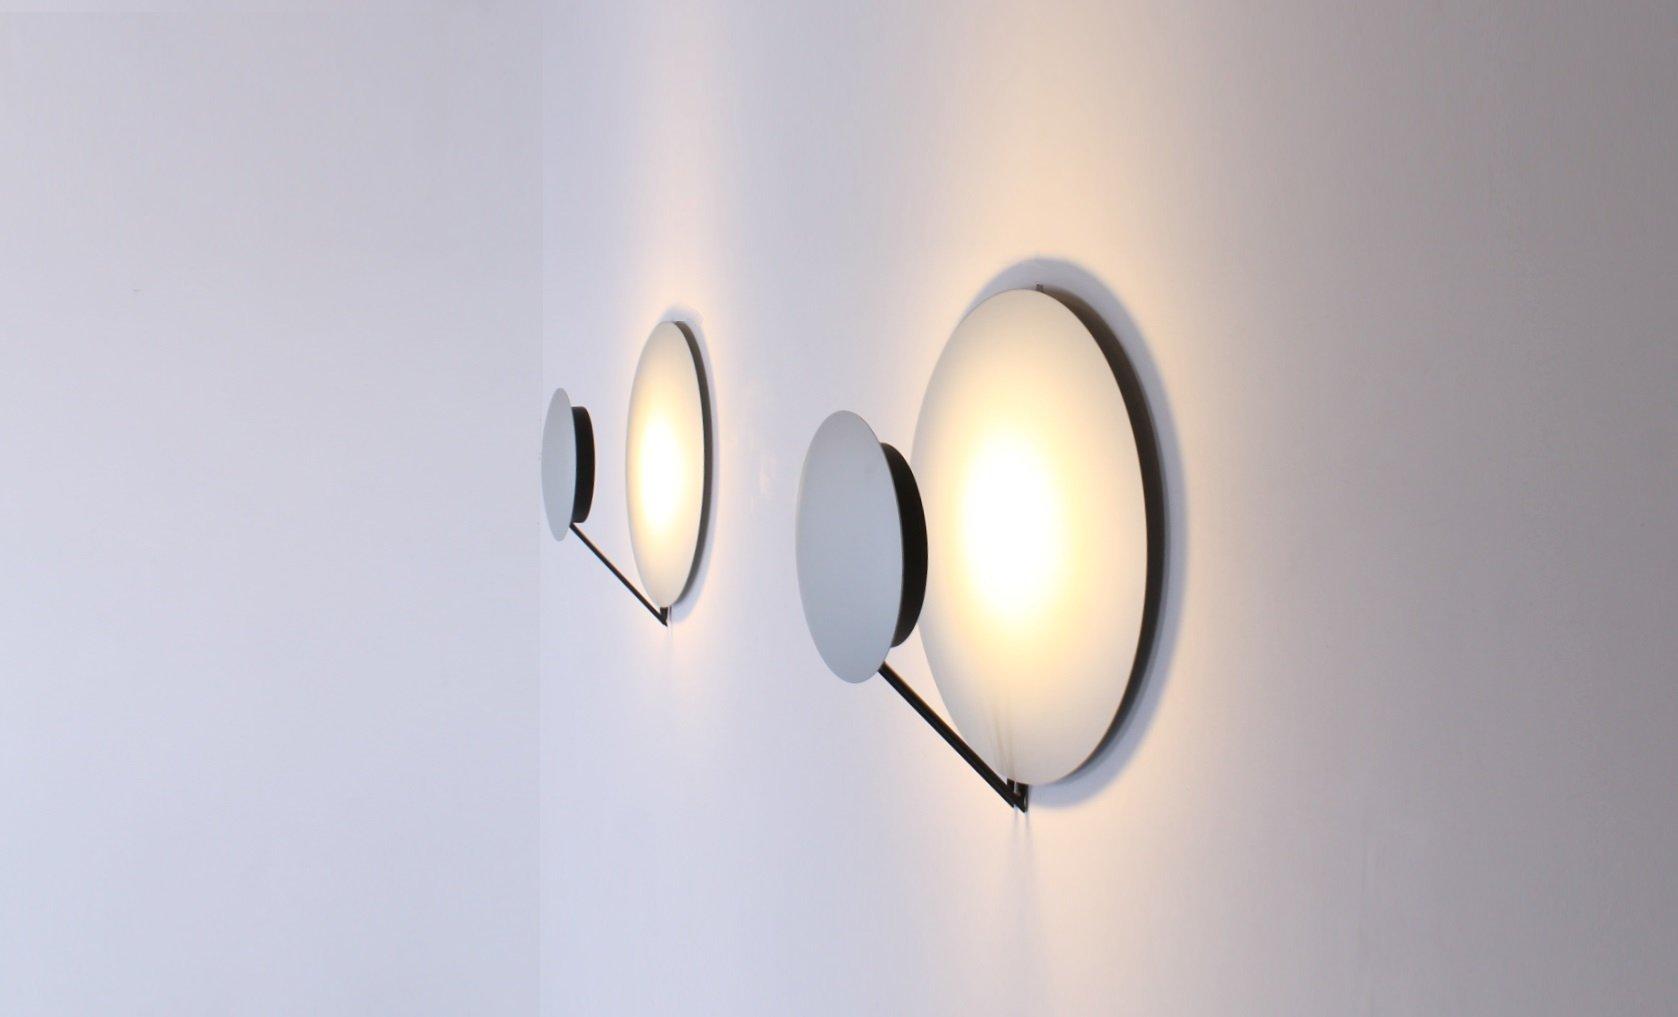 italienische aluminium vega wandlampe von cesaro amico. Black Bedroom Furniture Sets. Home Design Ideas